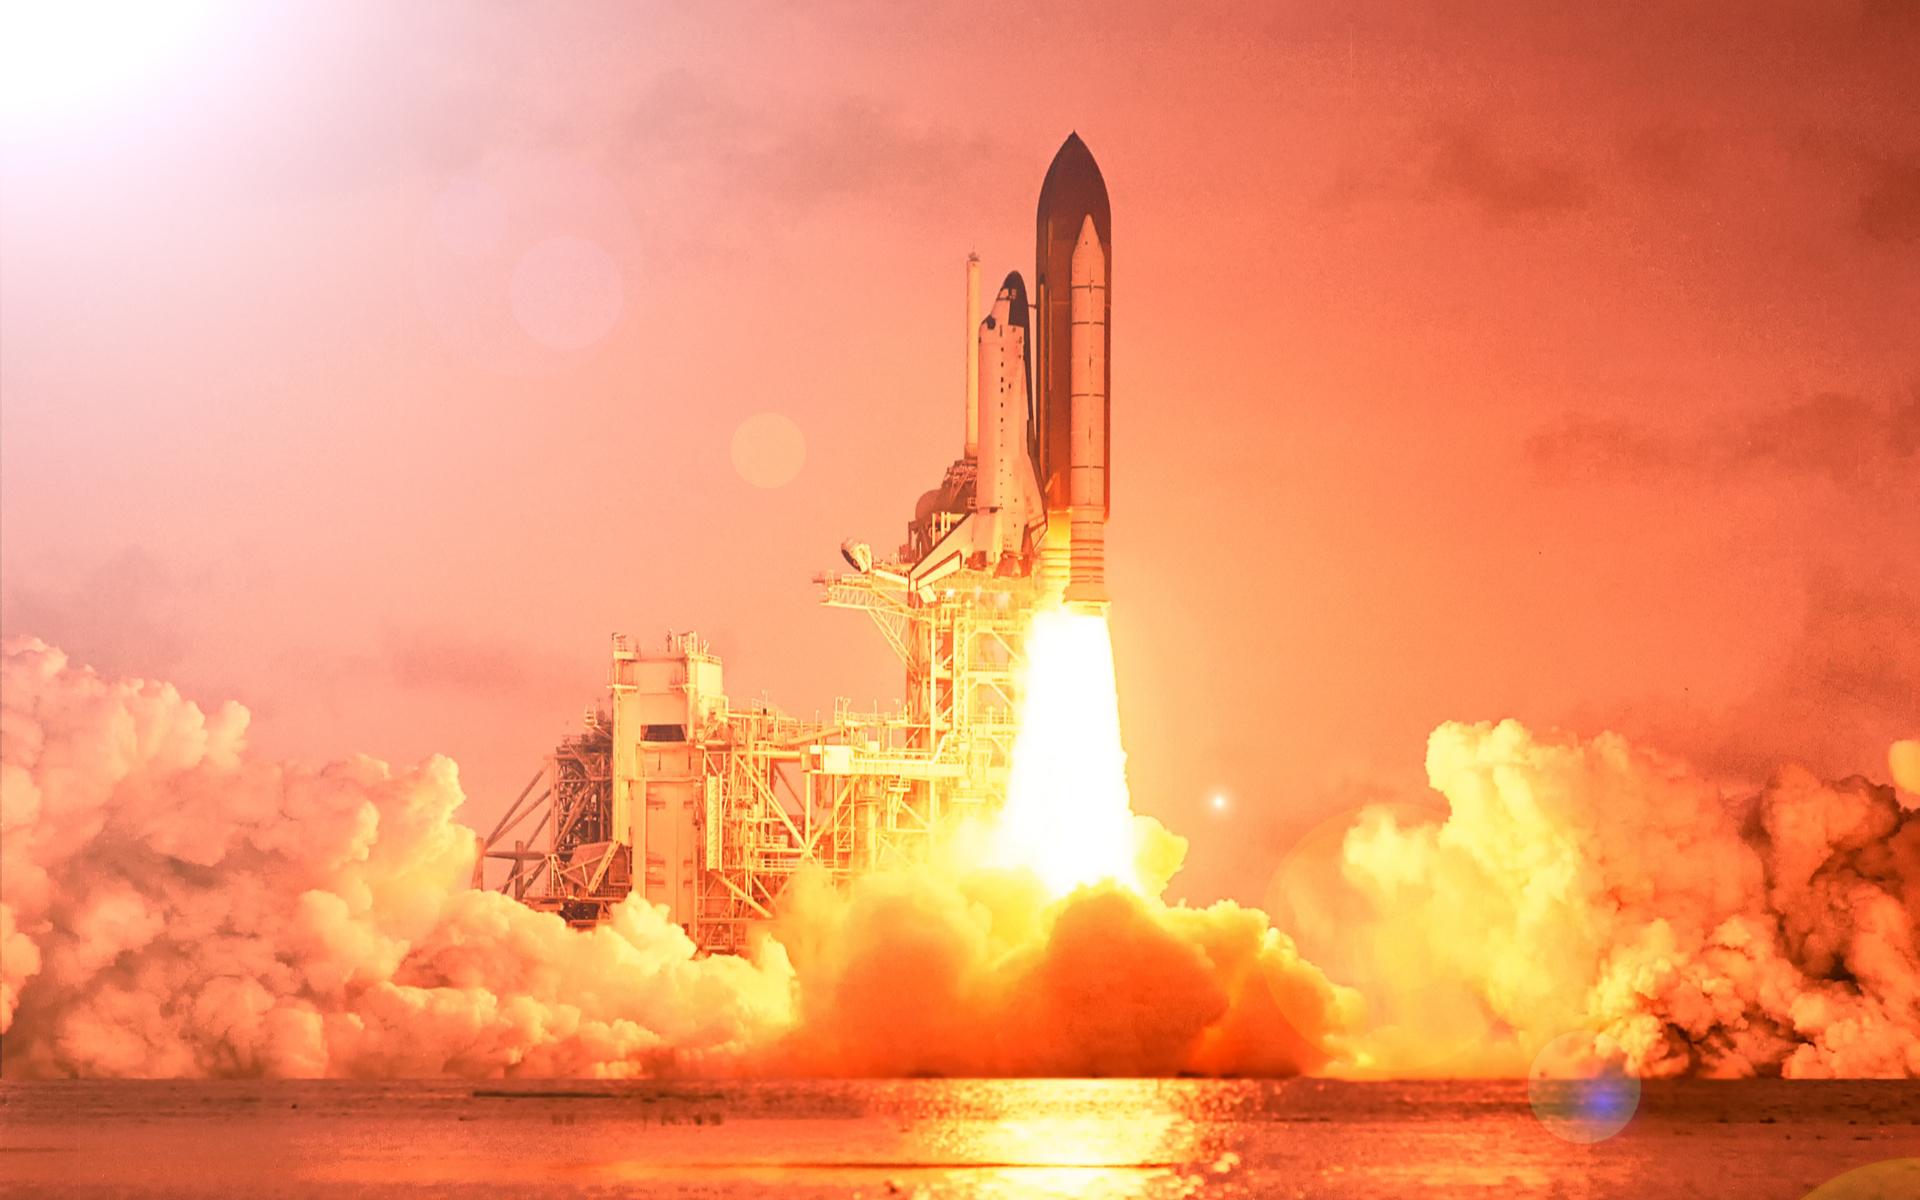 Binance rocket launch binance chain